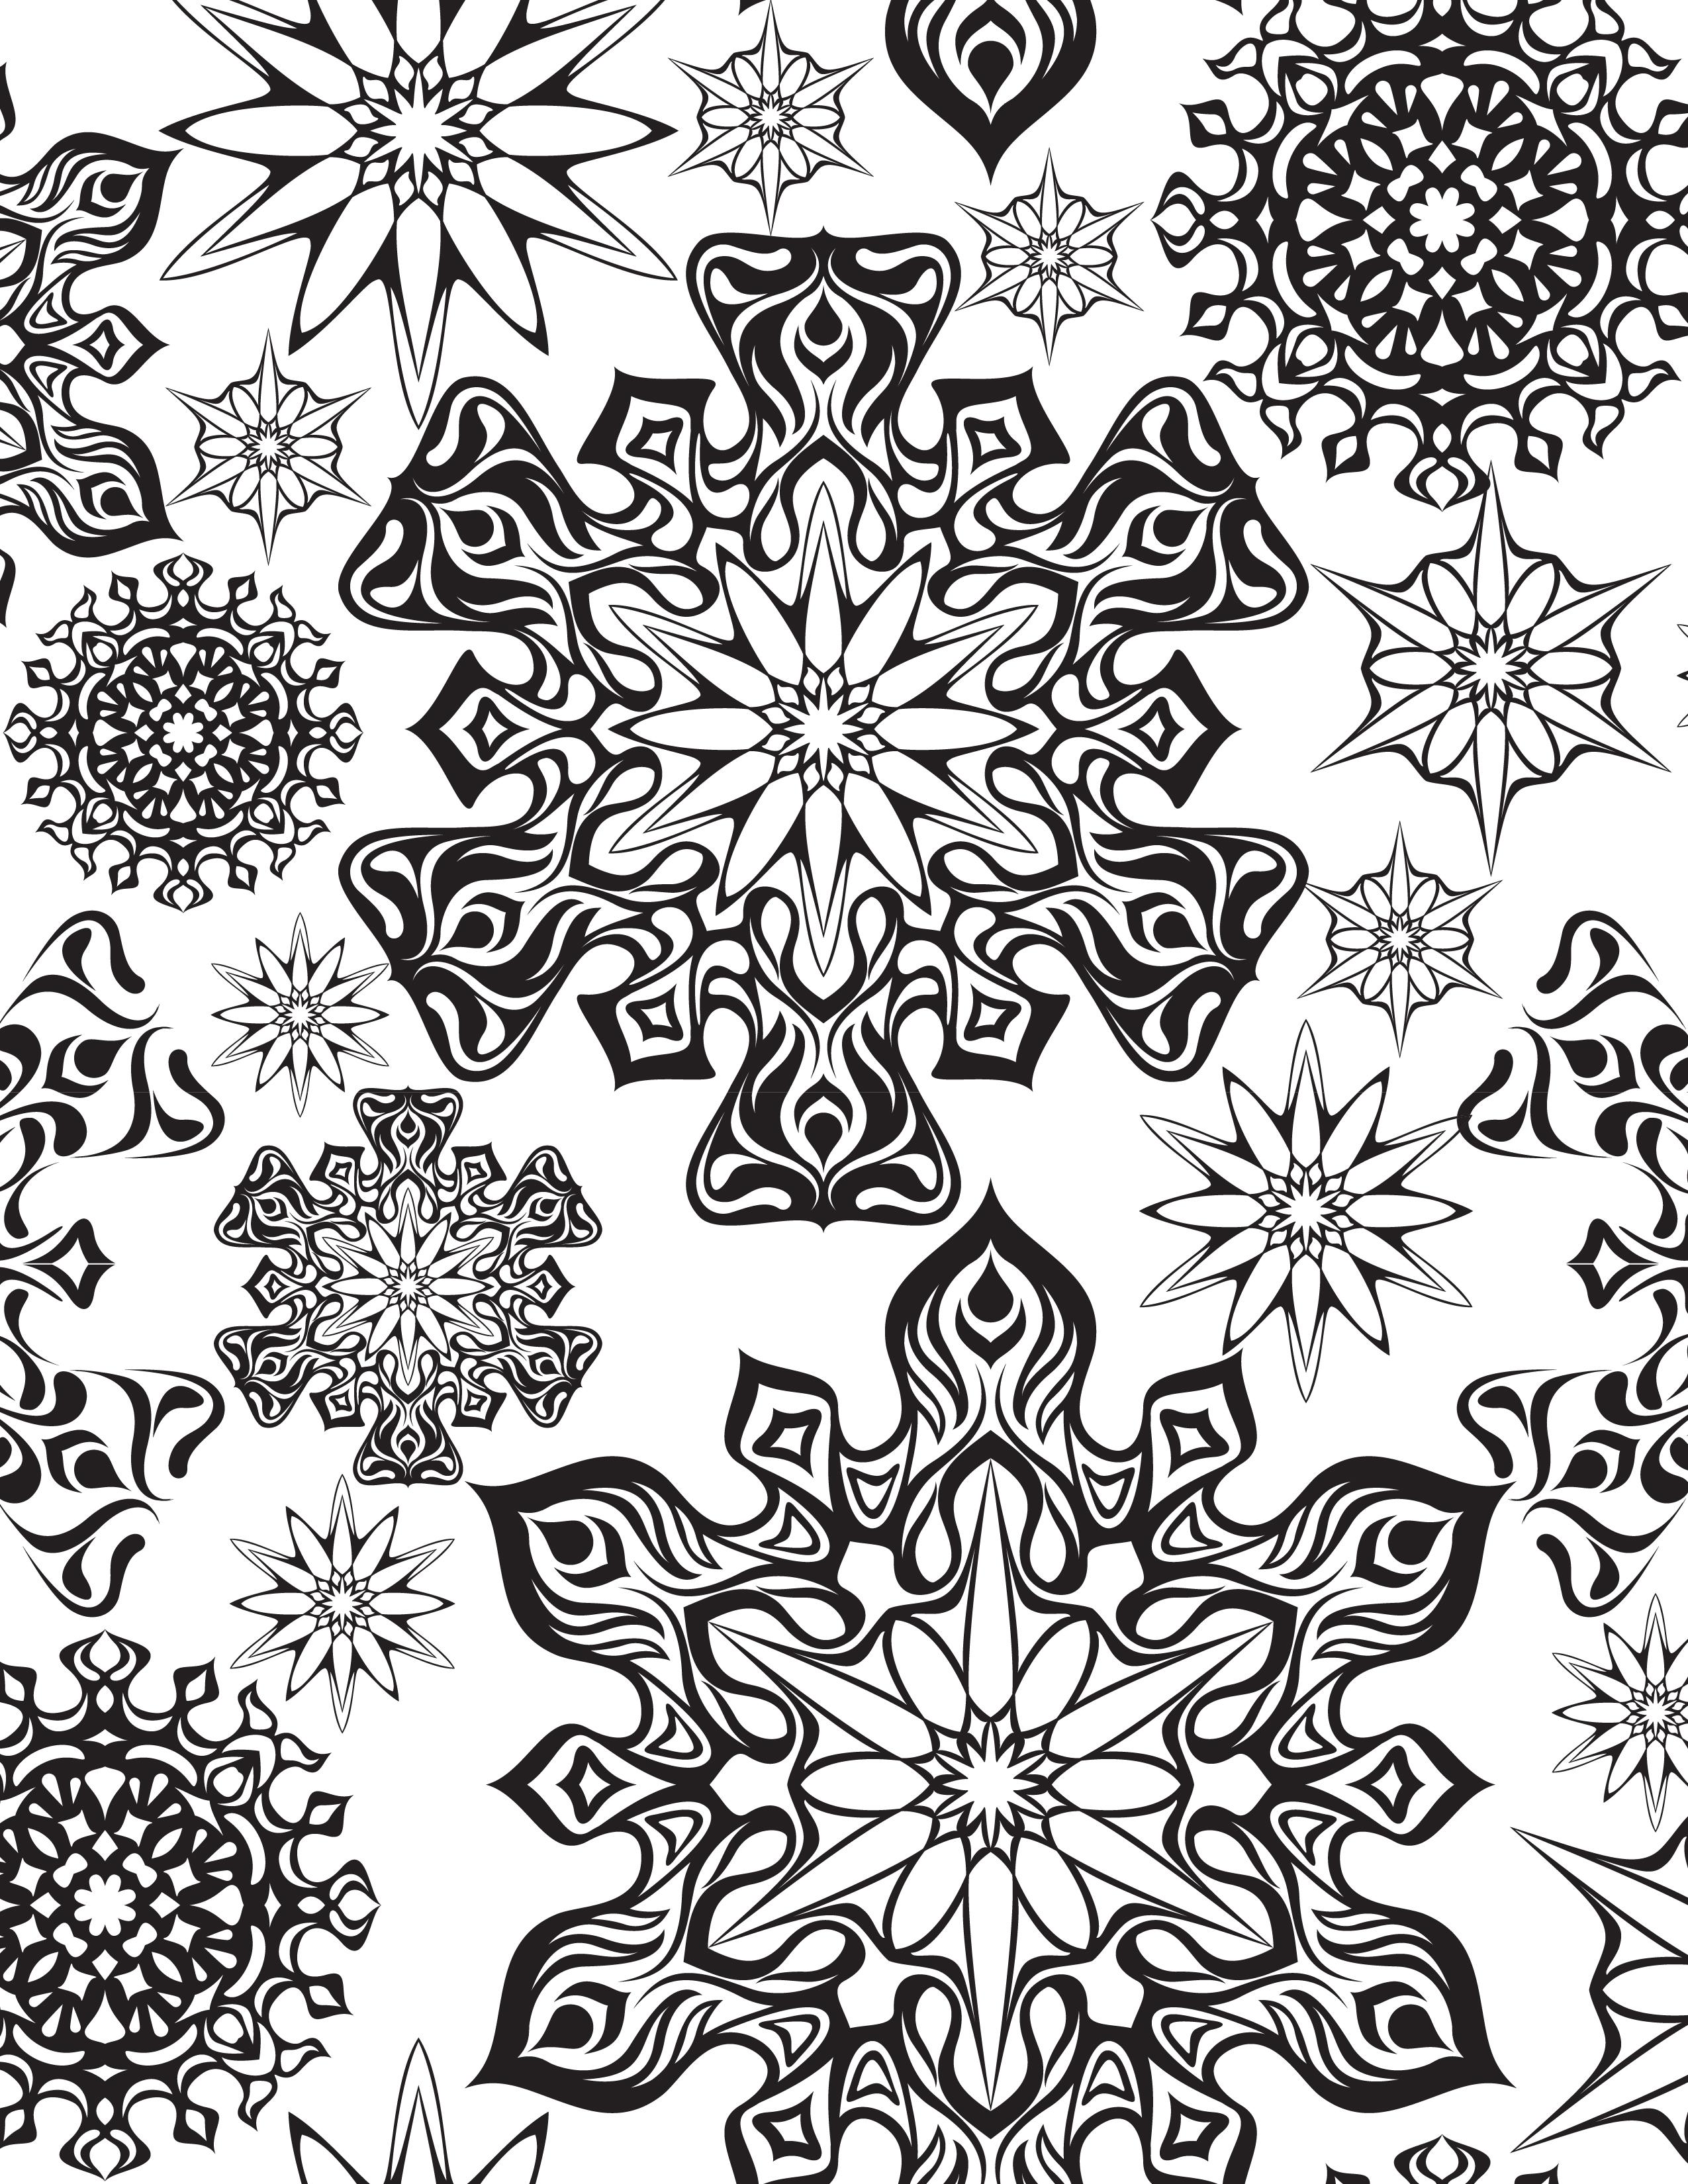 Coloriage imprimer flocons premi re neige - Dessin de printemps a imprimer ...